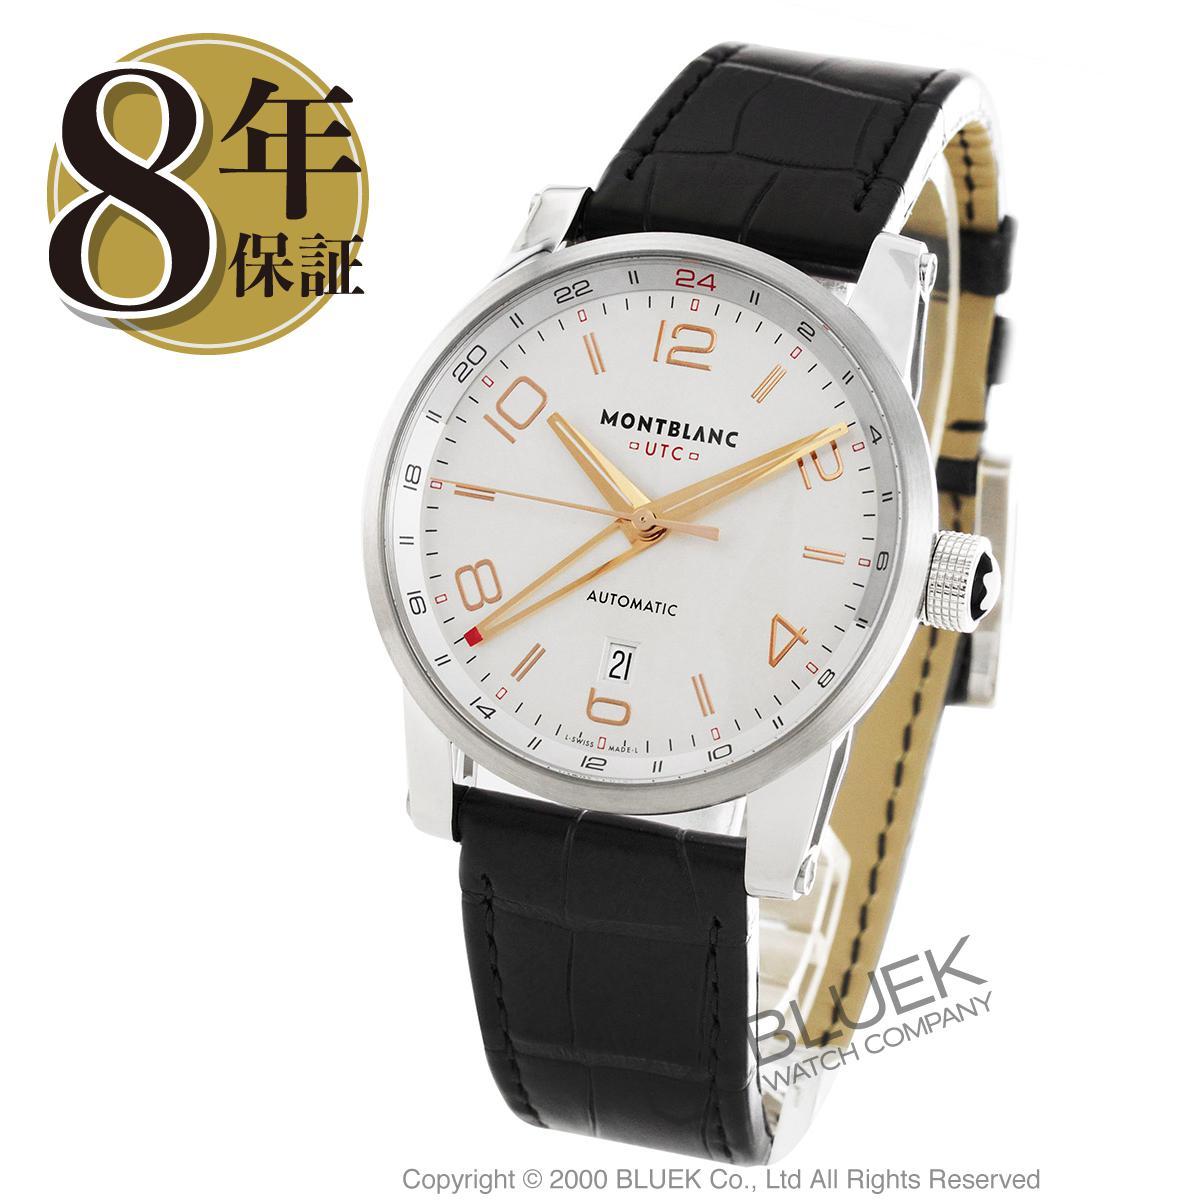 【3,000円OFFクーポン対象】モンブラン タイムウォーカー ボイジャー UTC アリゲーターレザー 腕時計 メンズ MONTBLANC 109136_8